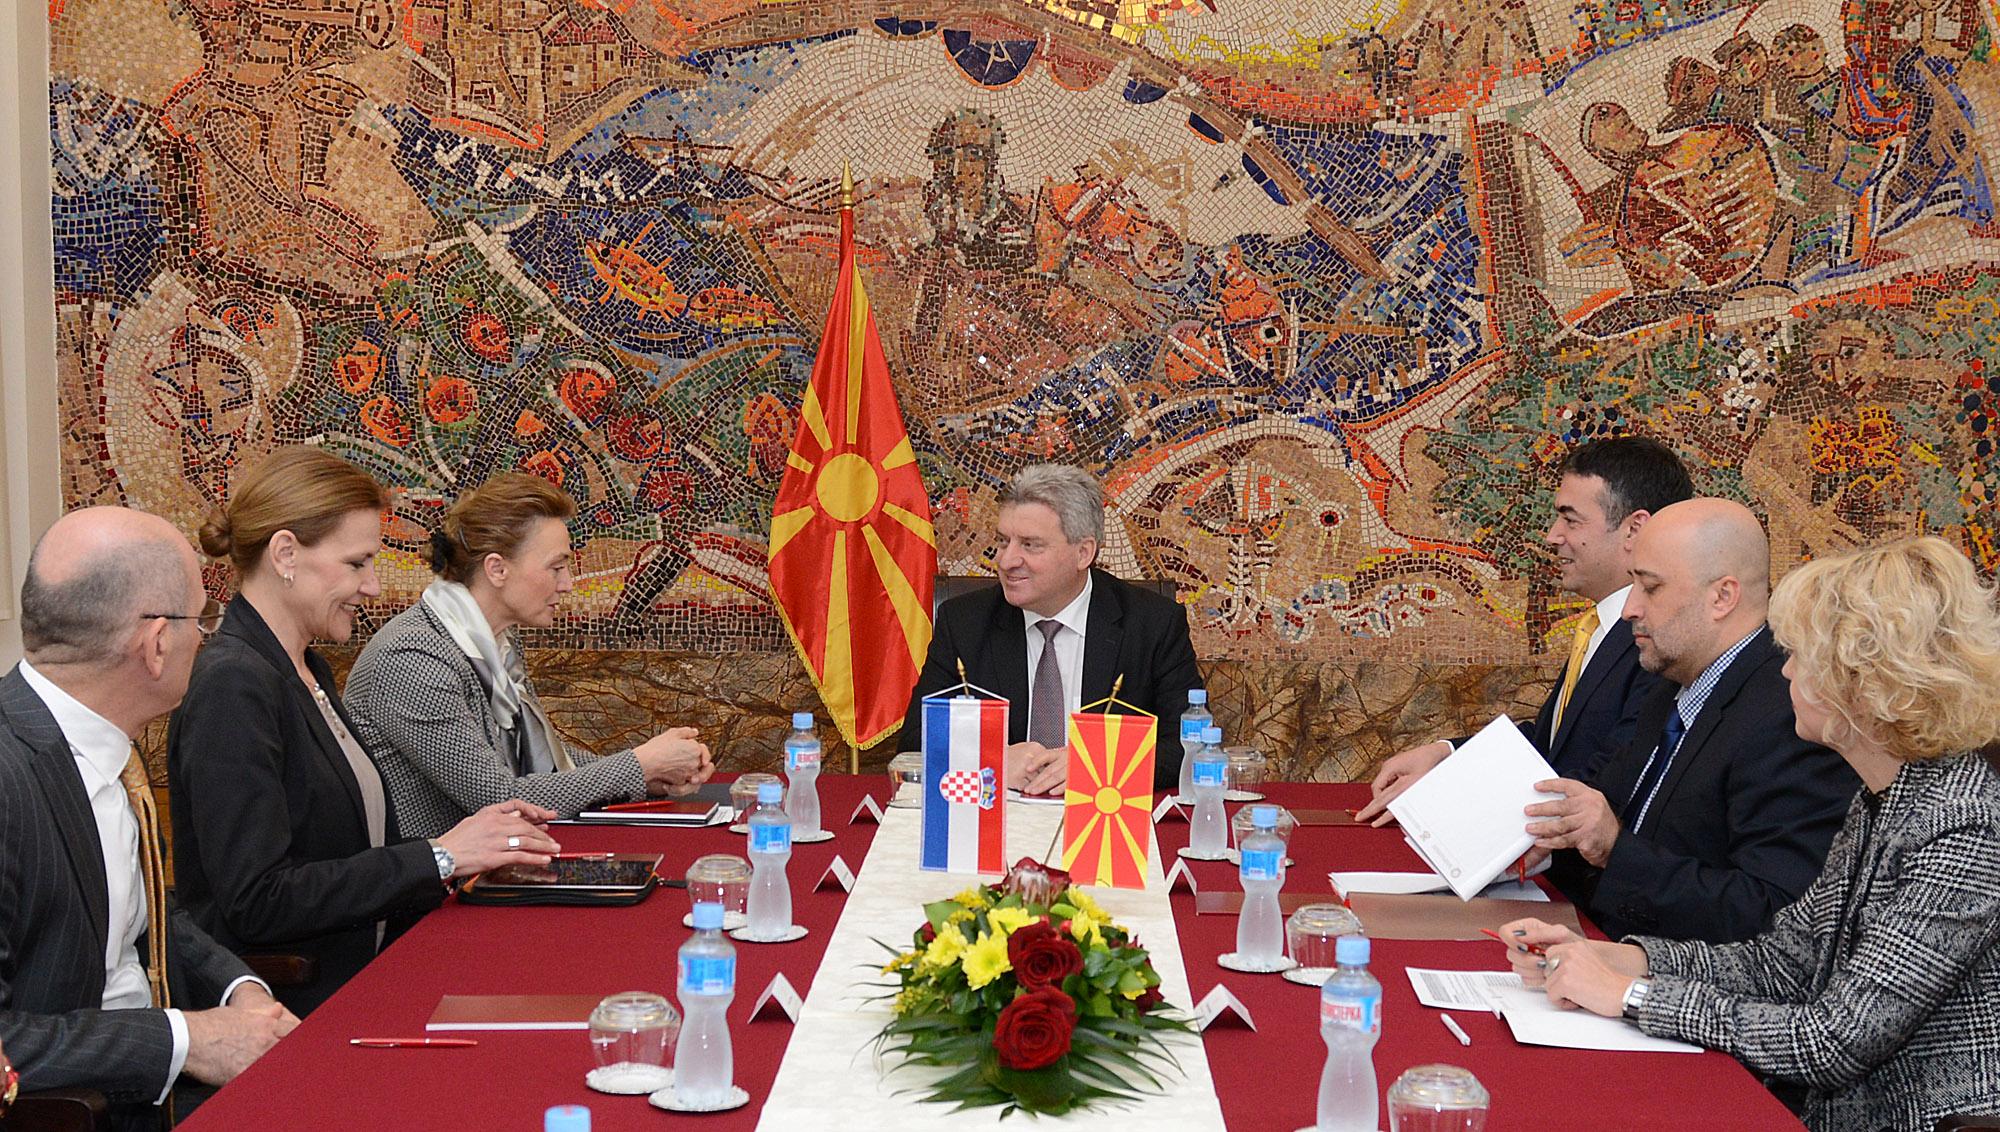 Претседателот Иванов се сретна со хрватската вицепремиерка Марија Пејчиновиќ Буриќ